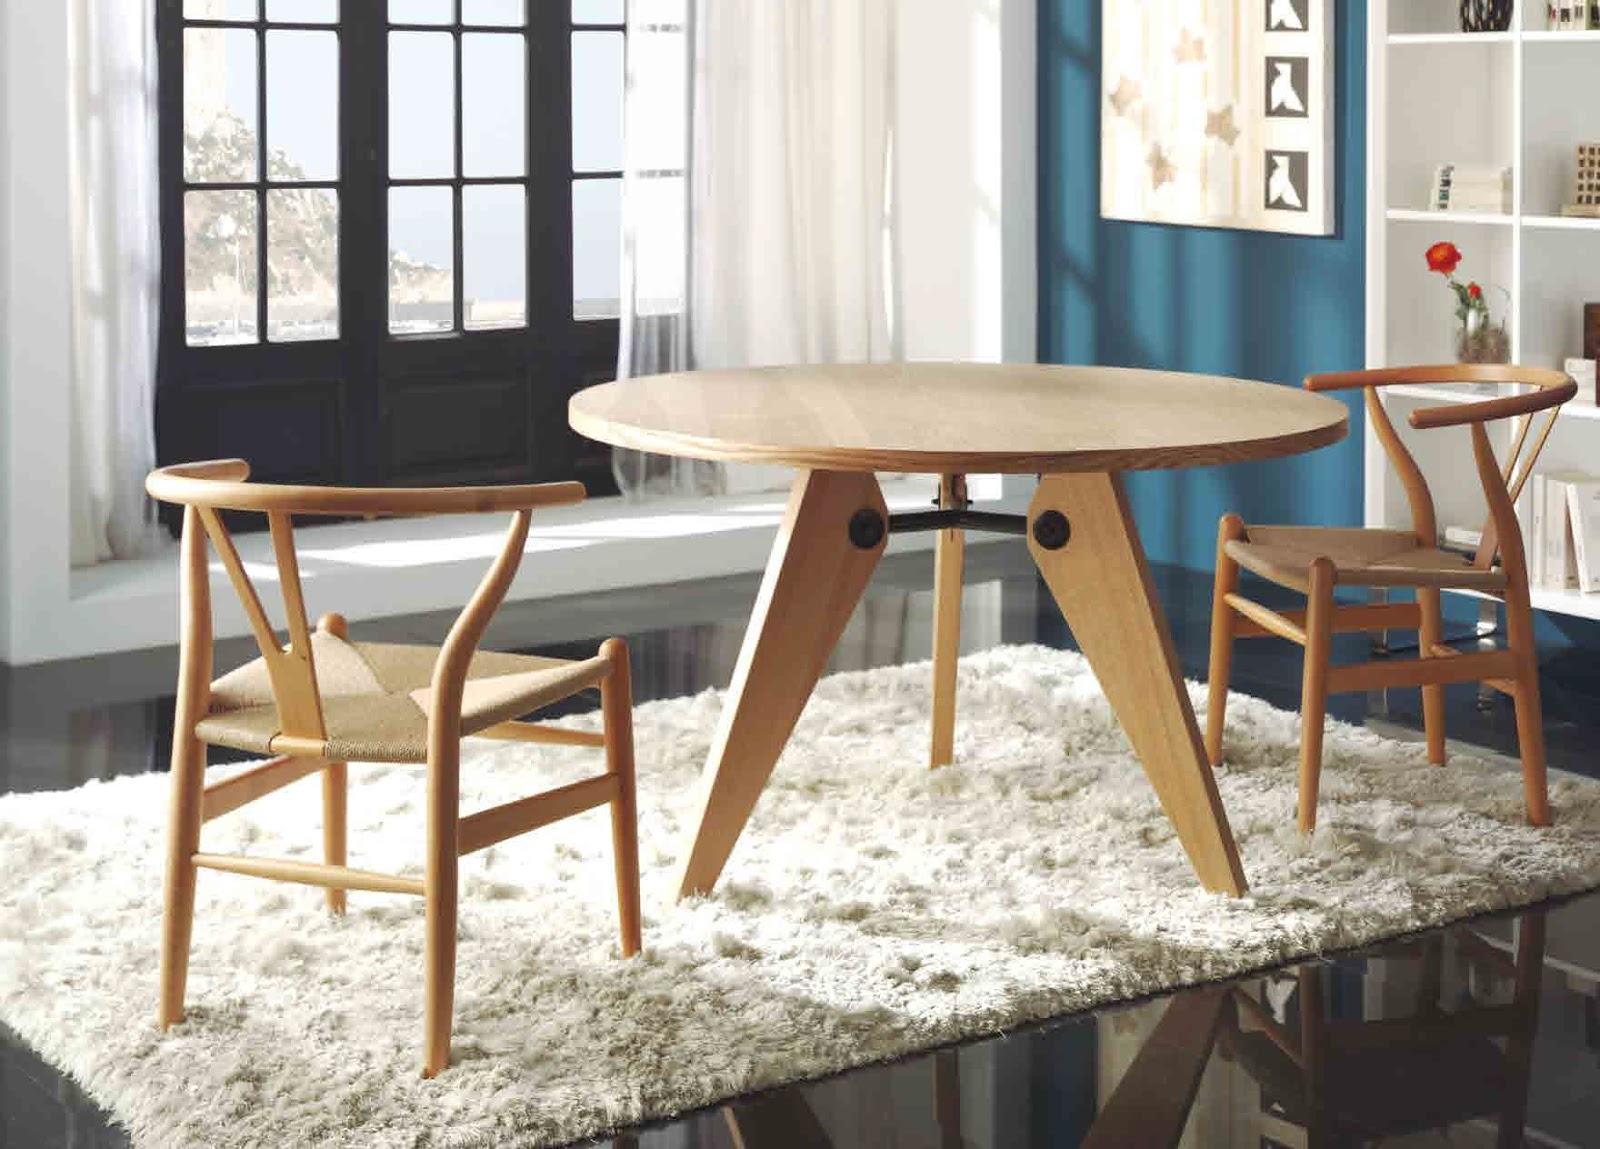 Tienda muebles modernos muebles de salon modernos salones - Nordicos modernos ...